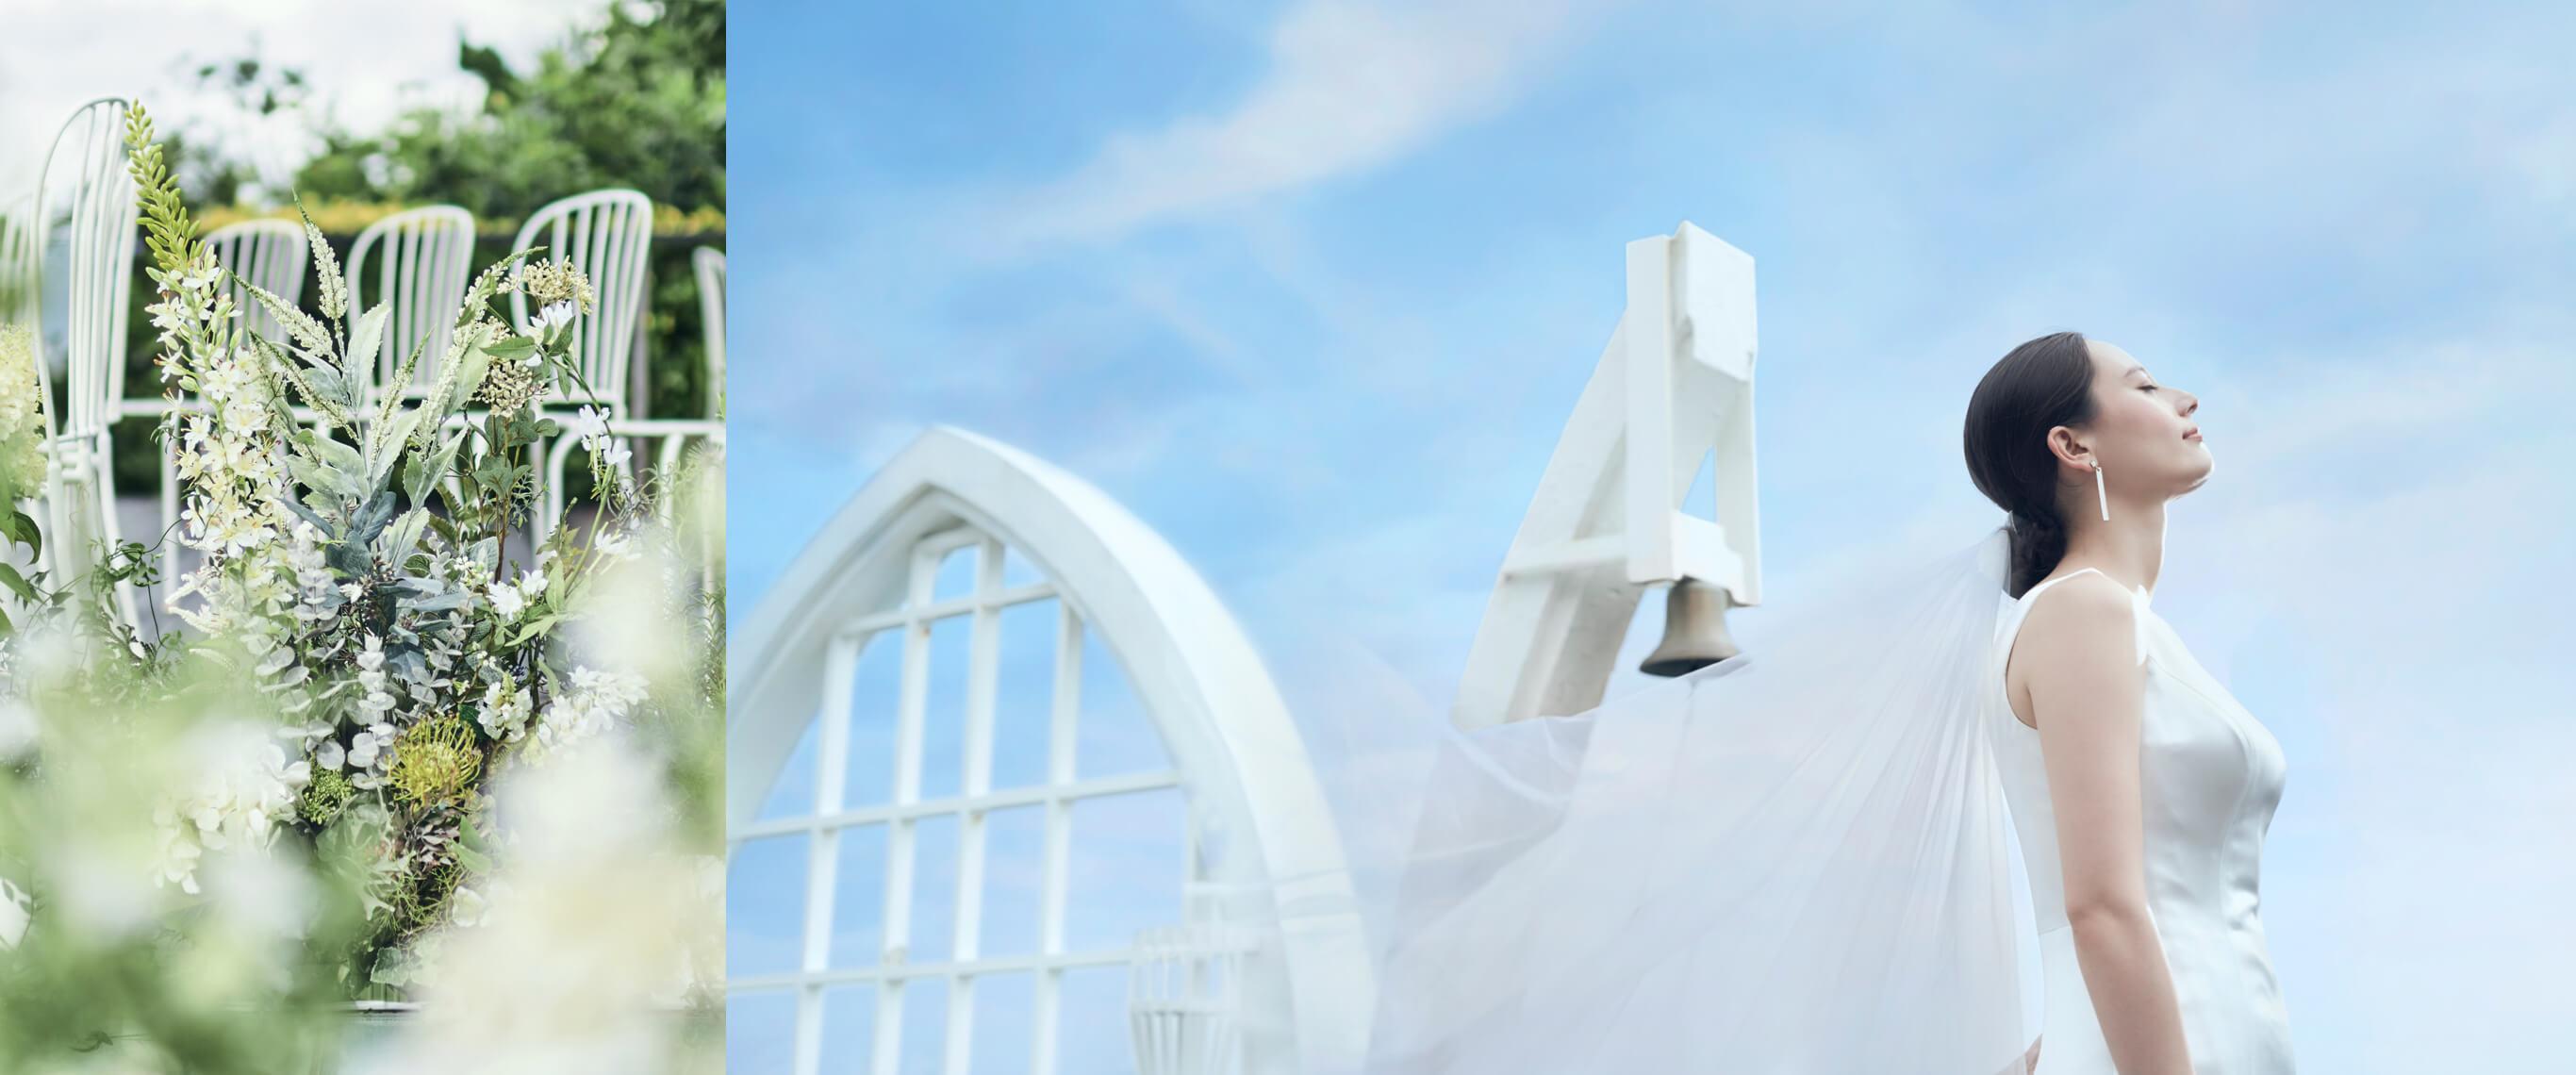 挙式 ・ パーティ会場 | 指帆亭(しはんてい) | 神奈川・湘南の貸切ウェディング・結婚式会場場